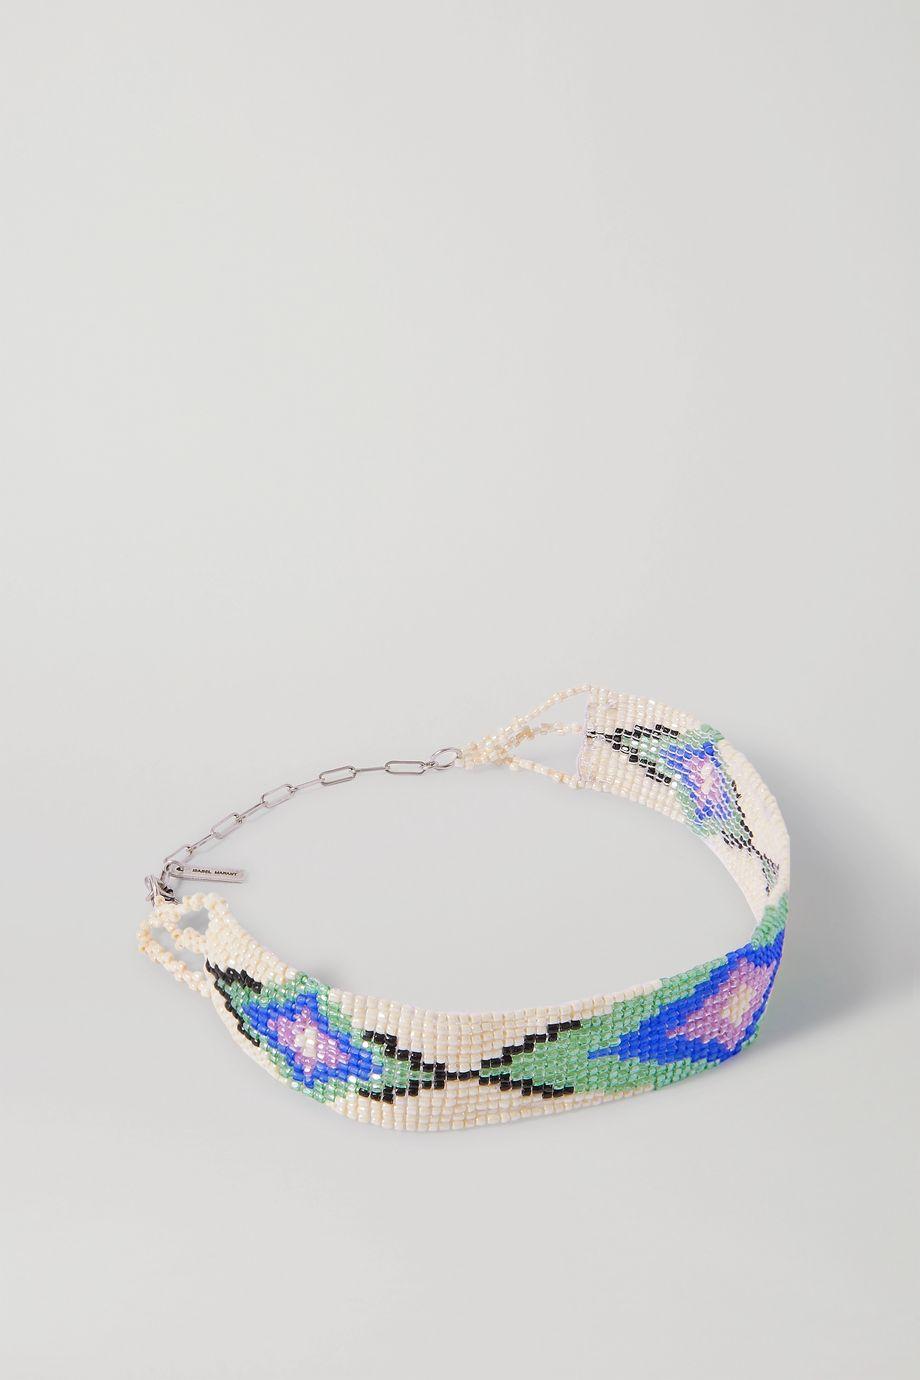 Isabel Marant Kette mit Zierperlen und silberfarbenen Details